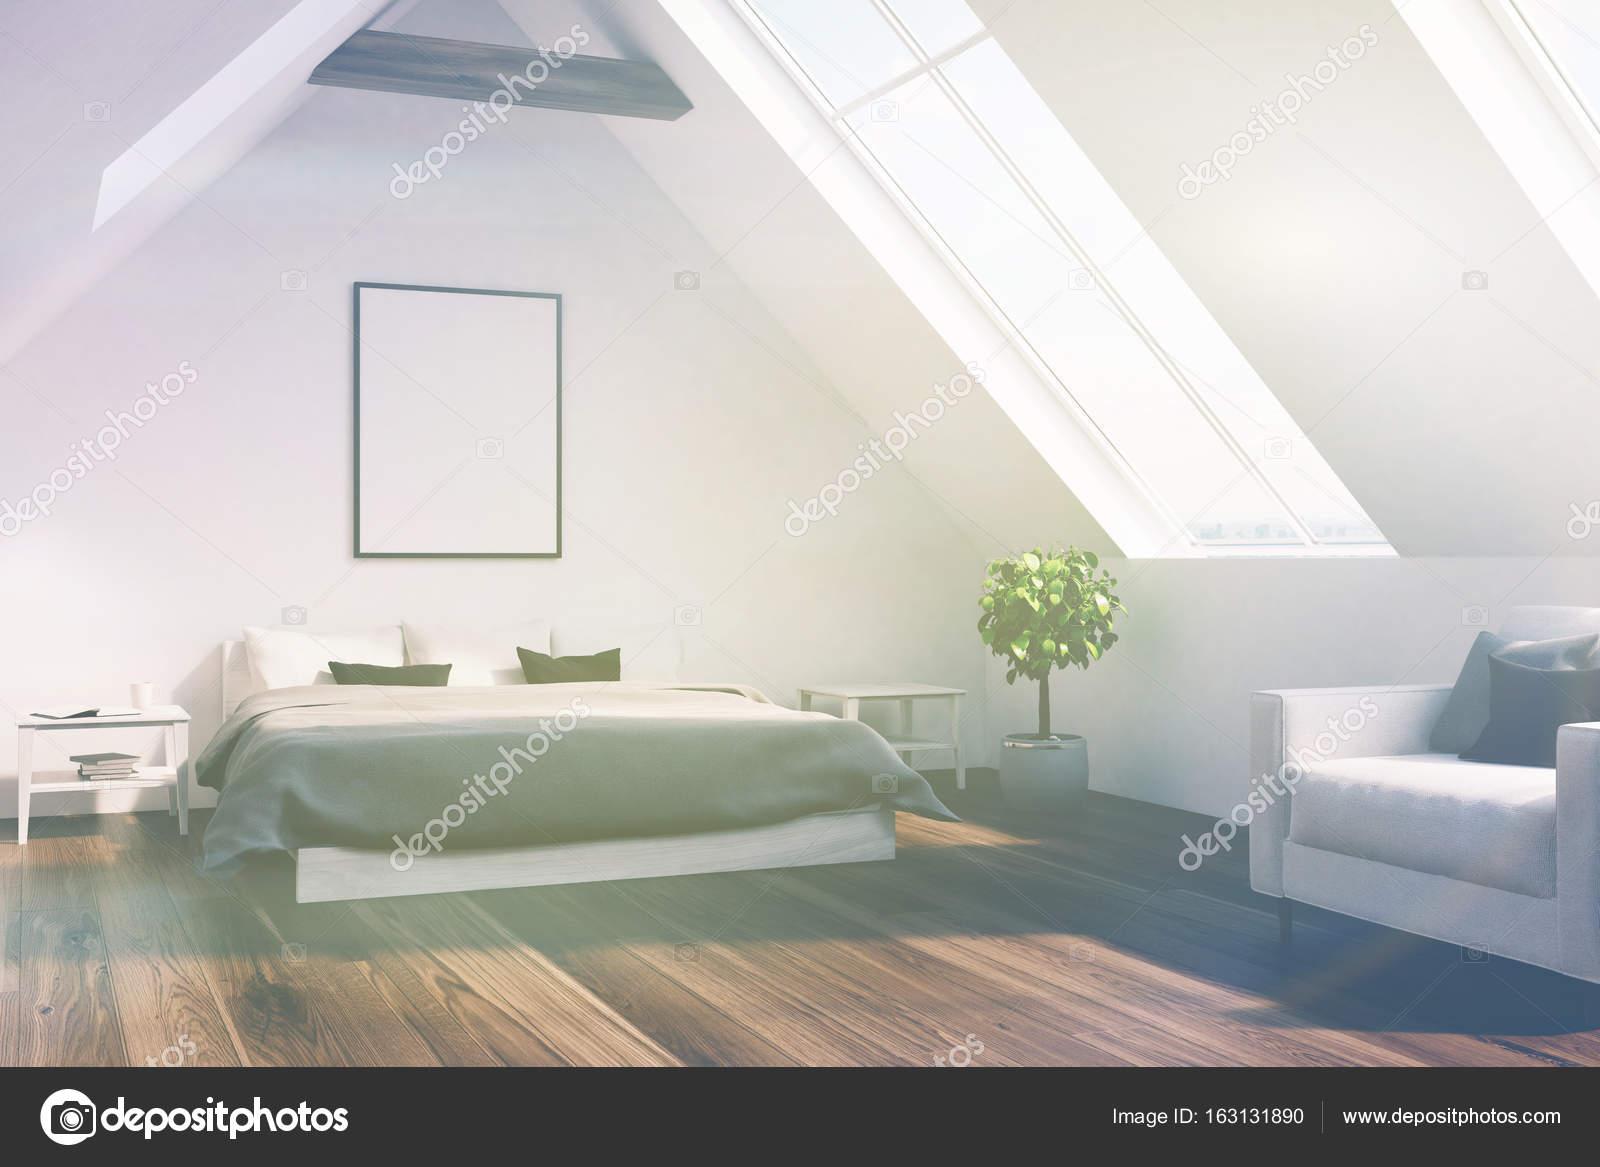 Dachgeschoss Schlafzimmer mit grauen Bett, Plakat, Seite getönt ...